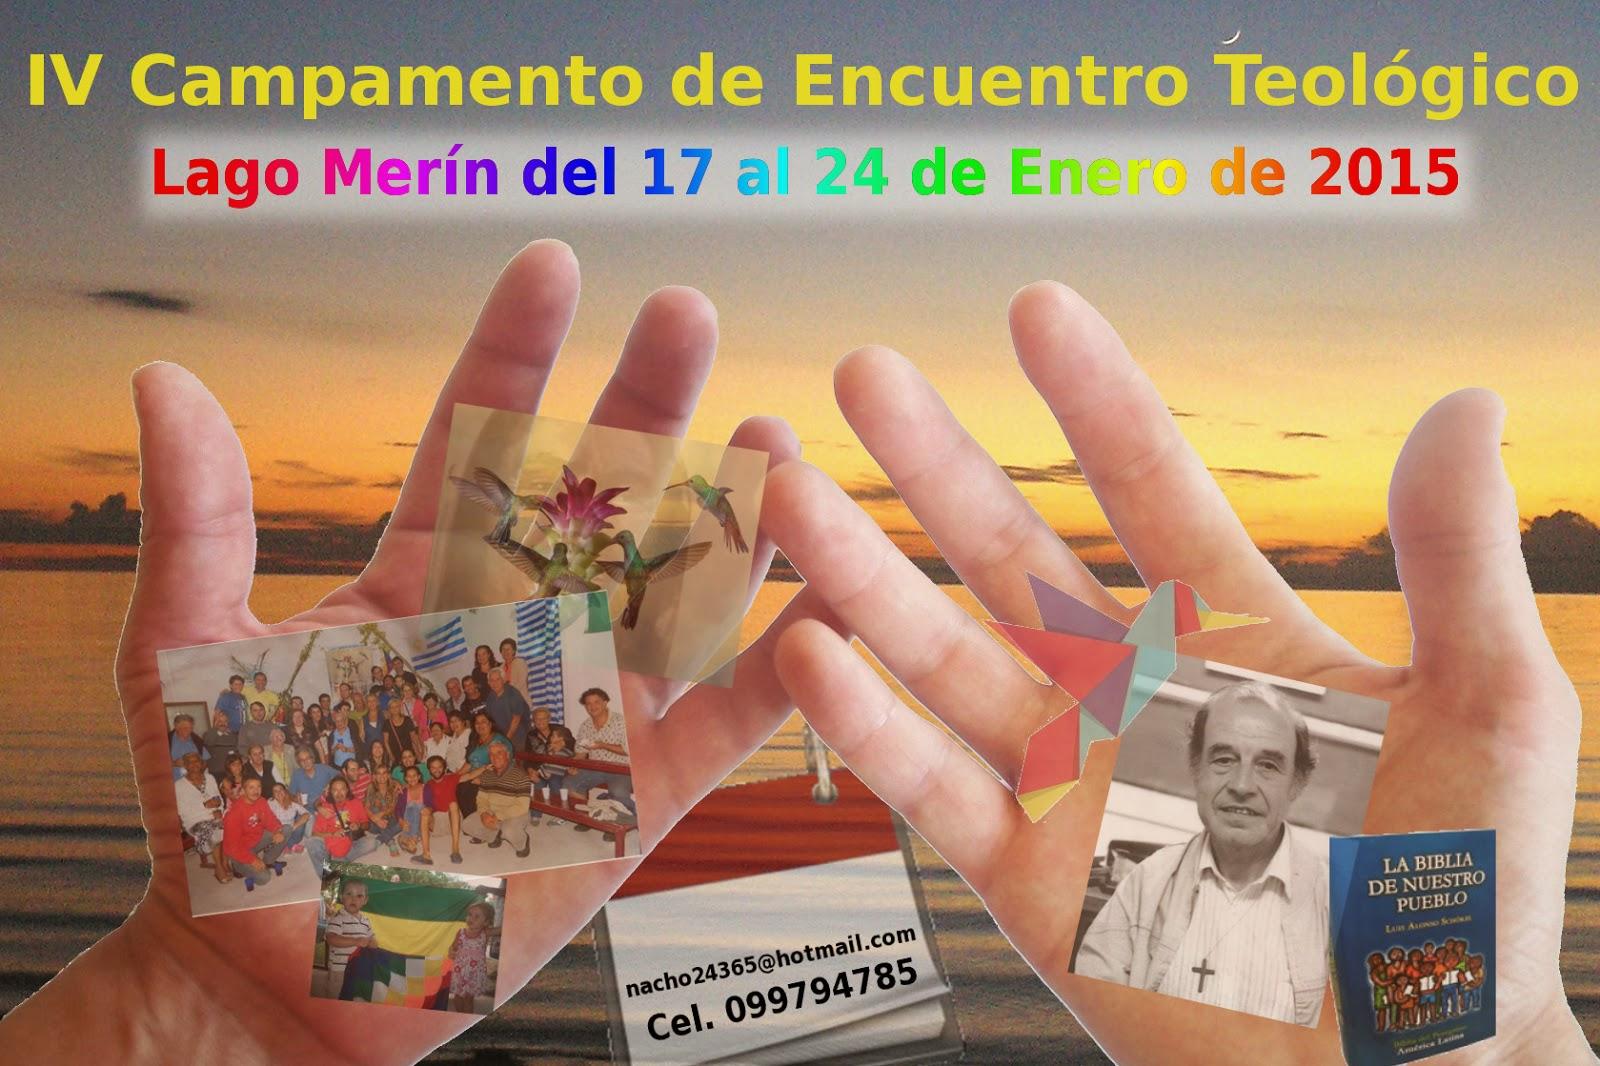 Encuentro Teológico 2015